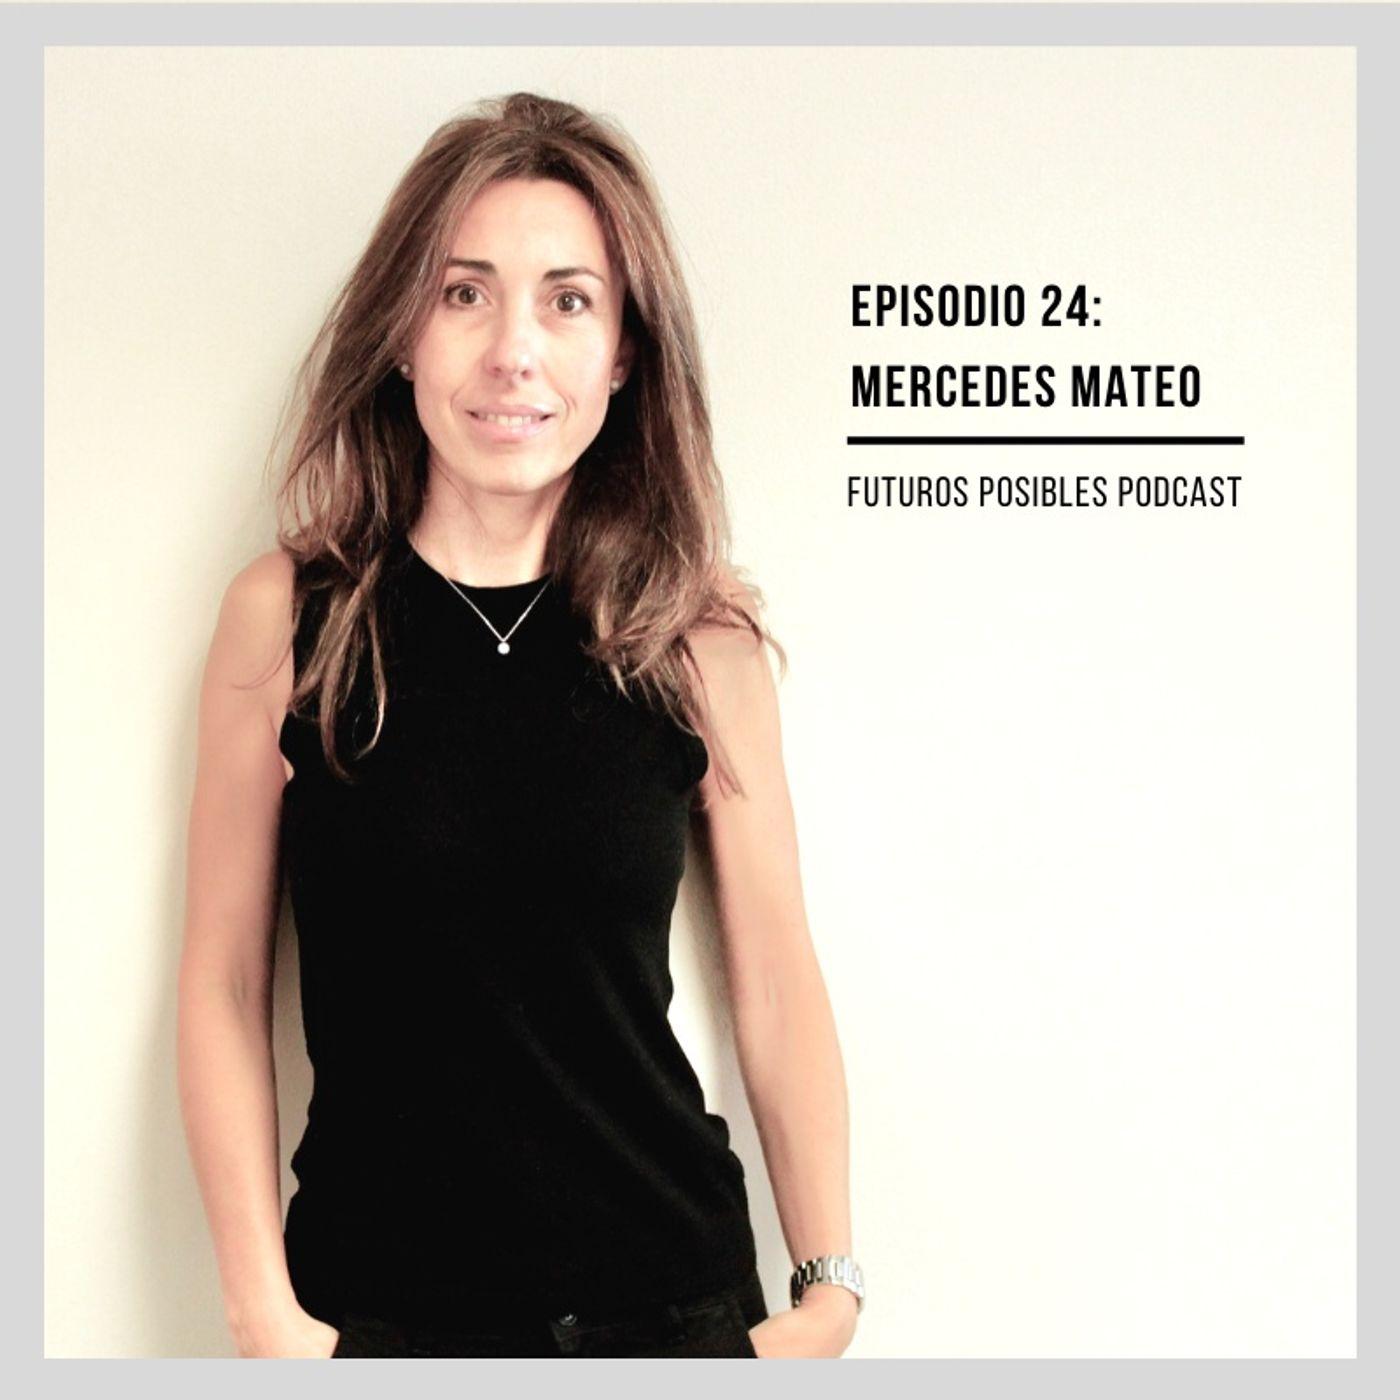 Ep. 24: Habilidades para el futuro, con Mercedes Mateo